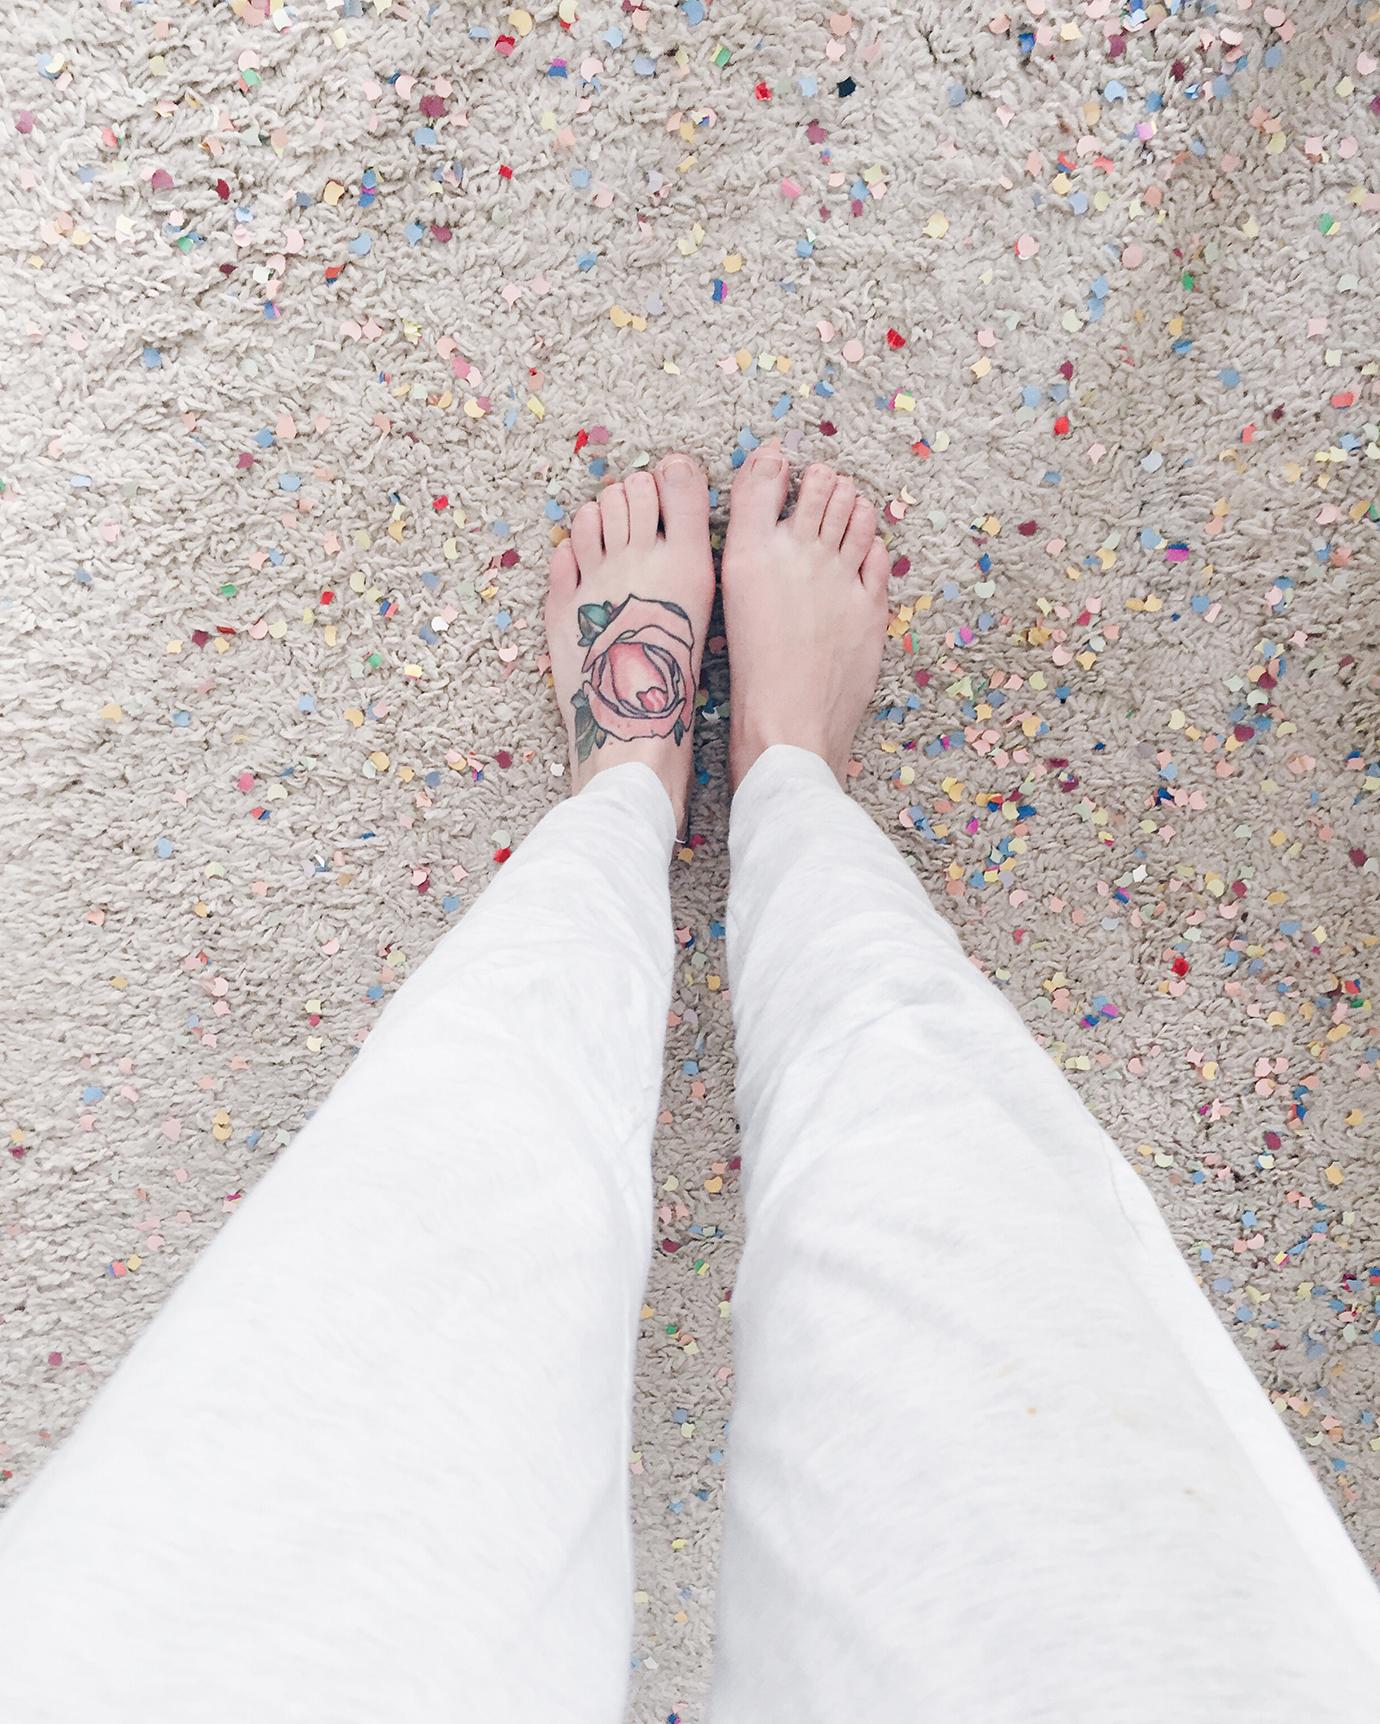 7things_14_confetti